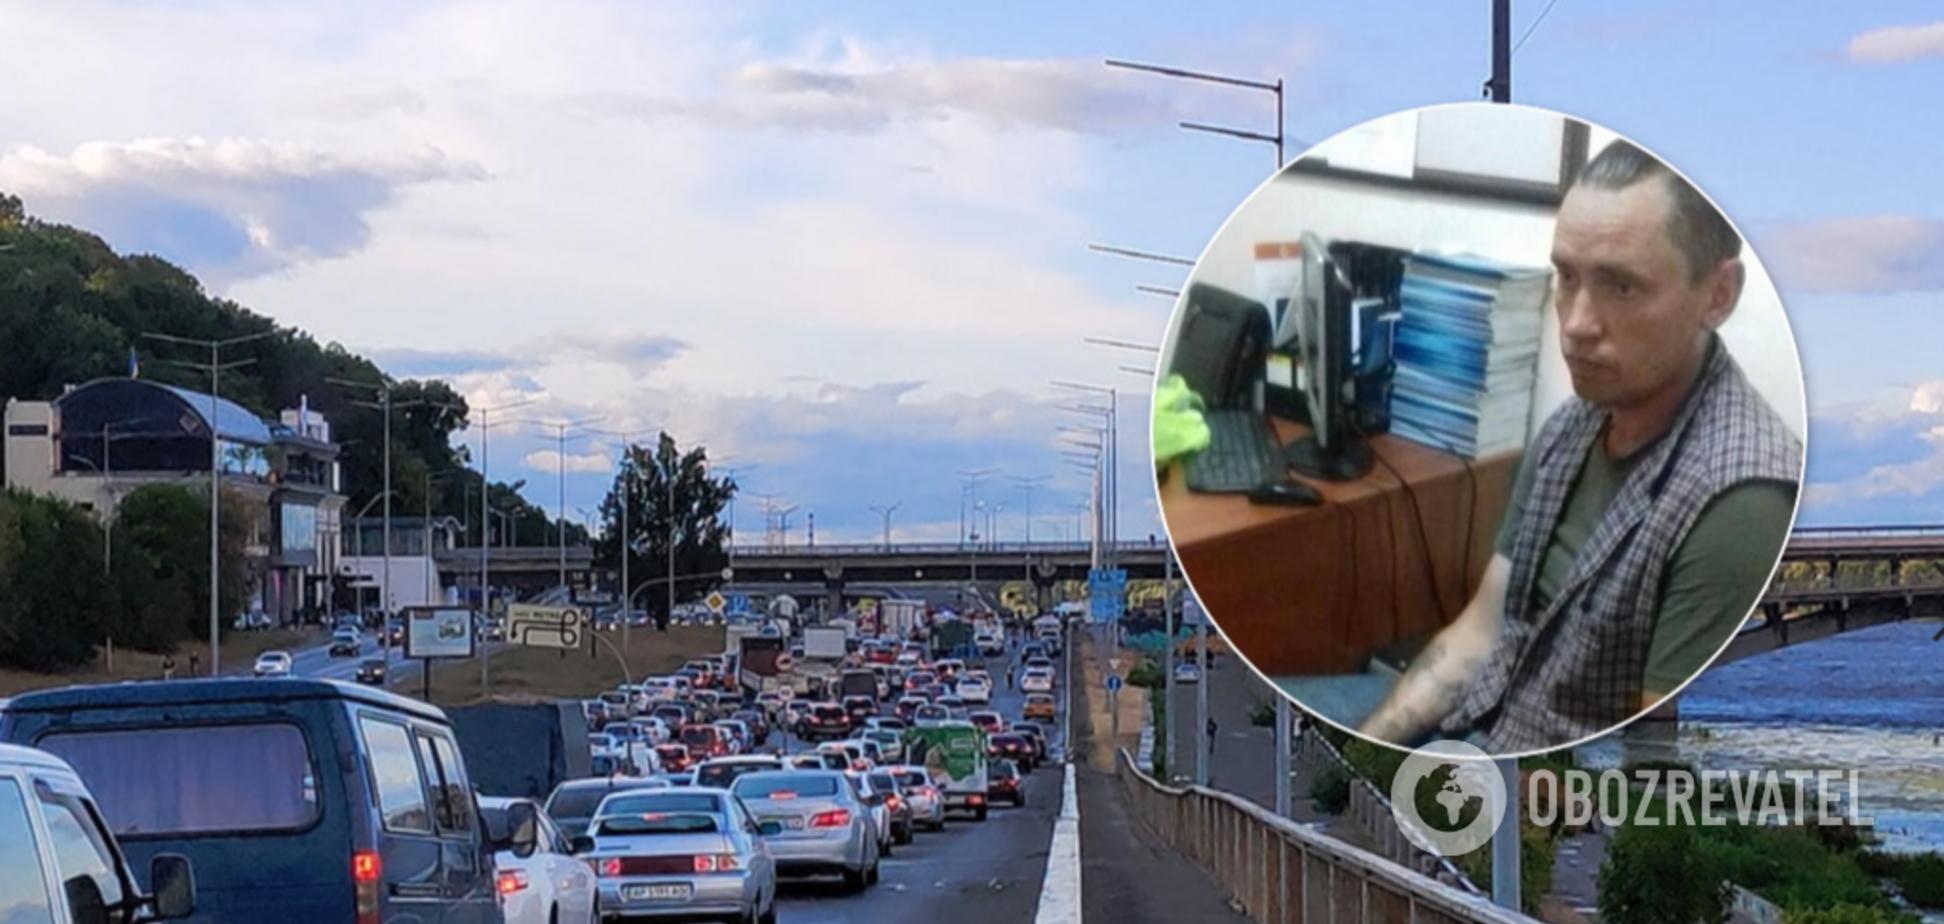 Мост Метро минировали в Киеве: всплыла любовная версия